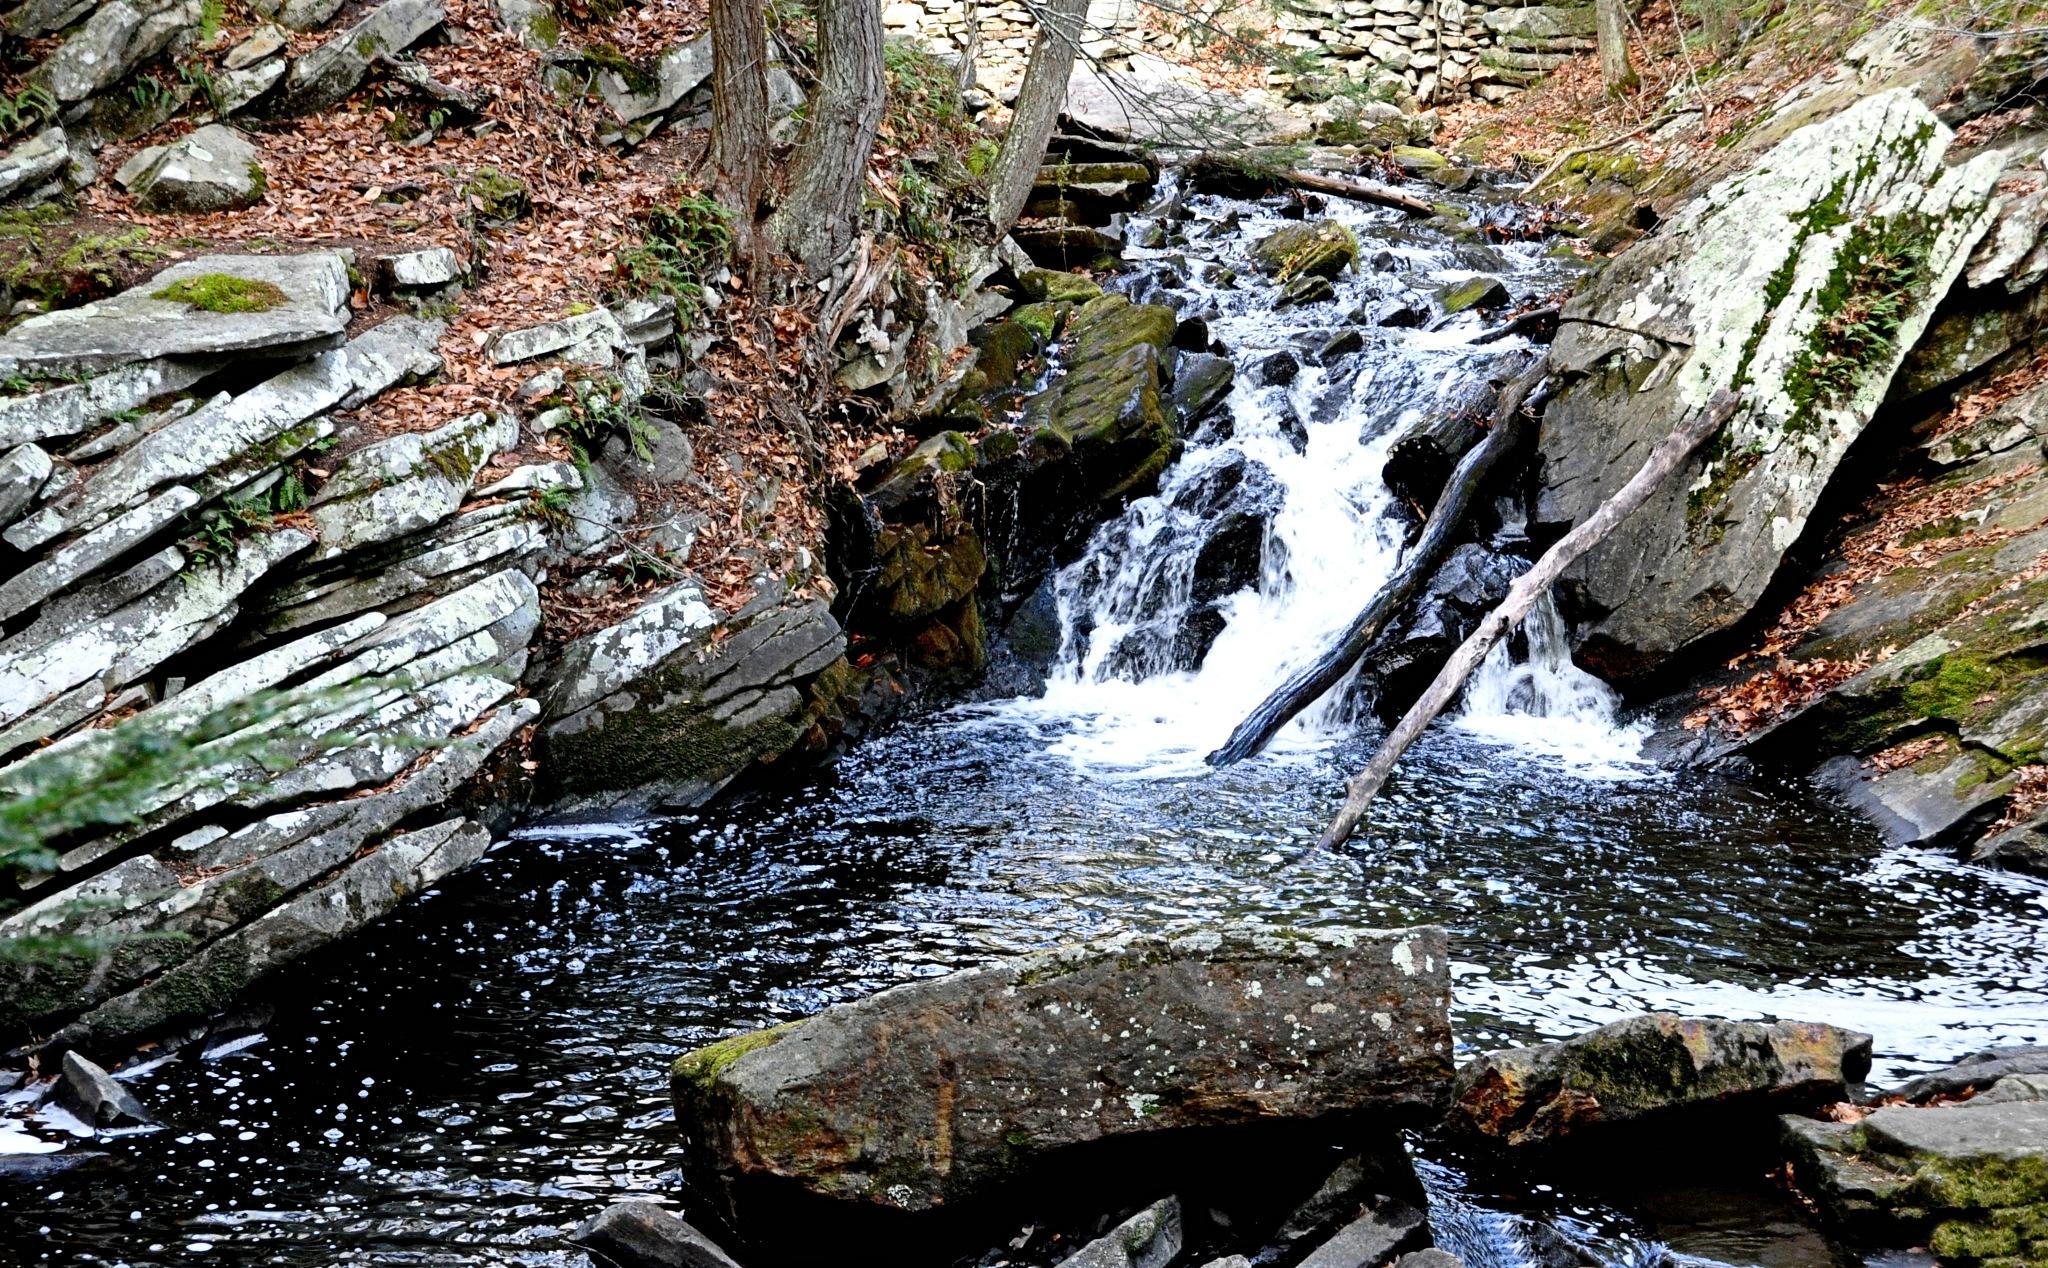 Little Falls by Joeski